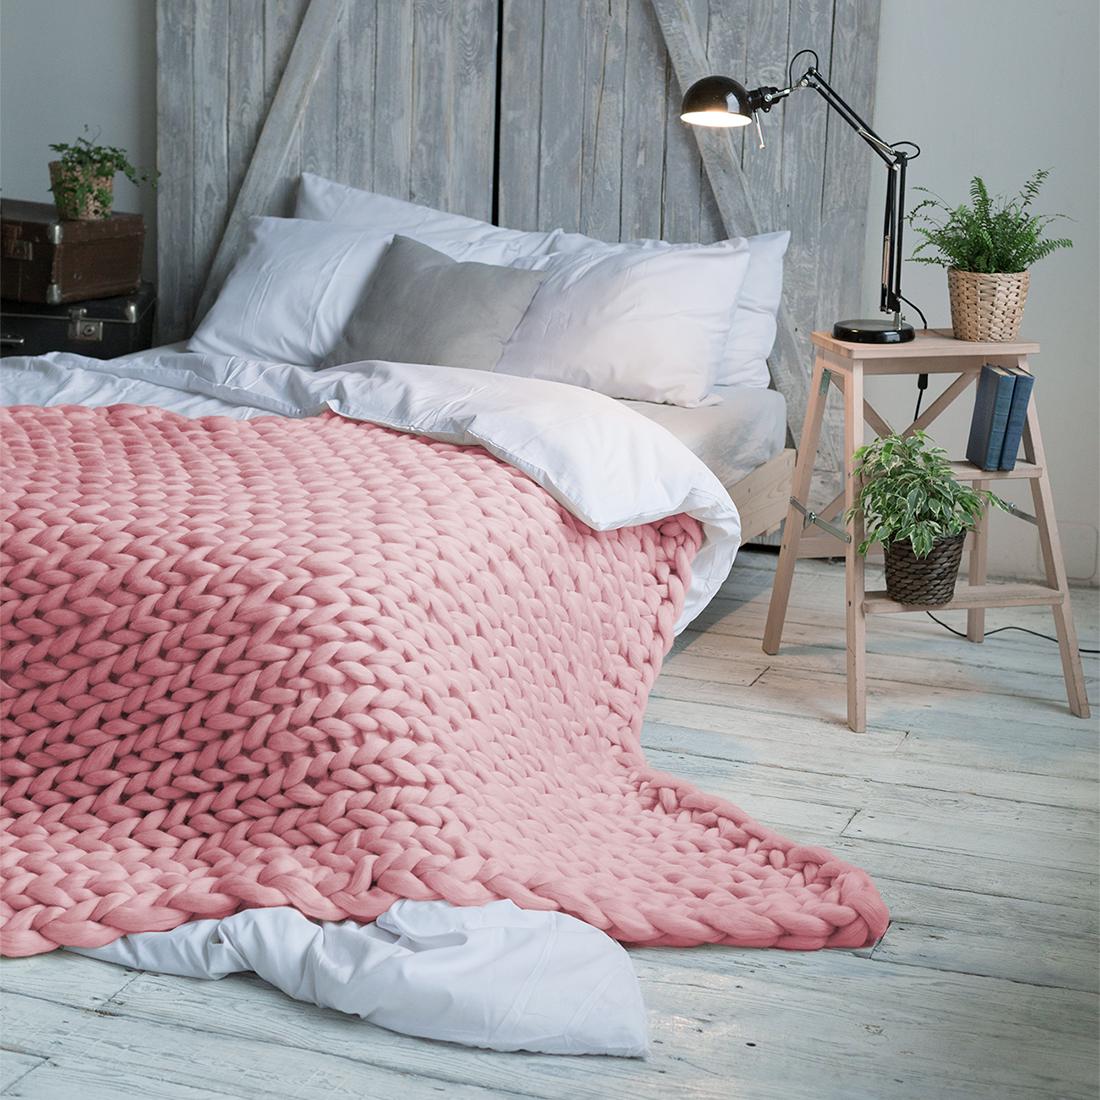 Плед Dome Hygge, цвет: светло-розовый, 90 см х 150 см покрывало на кресло les gobelins mexique 50 х 120 см